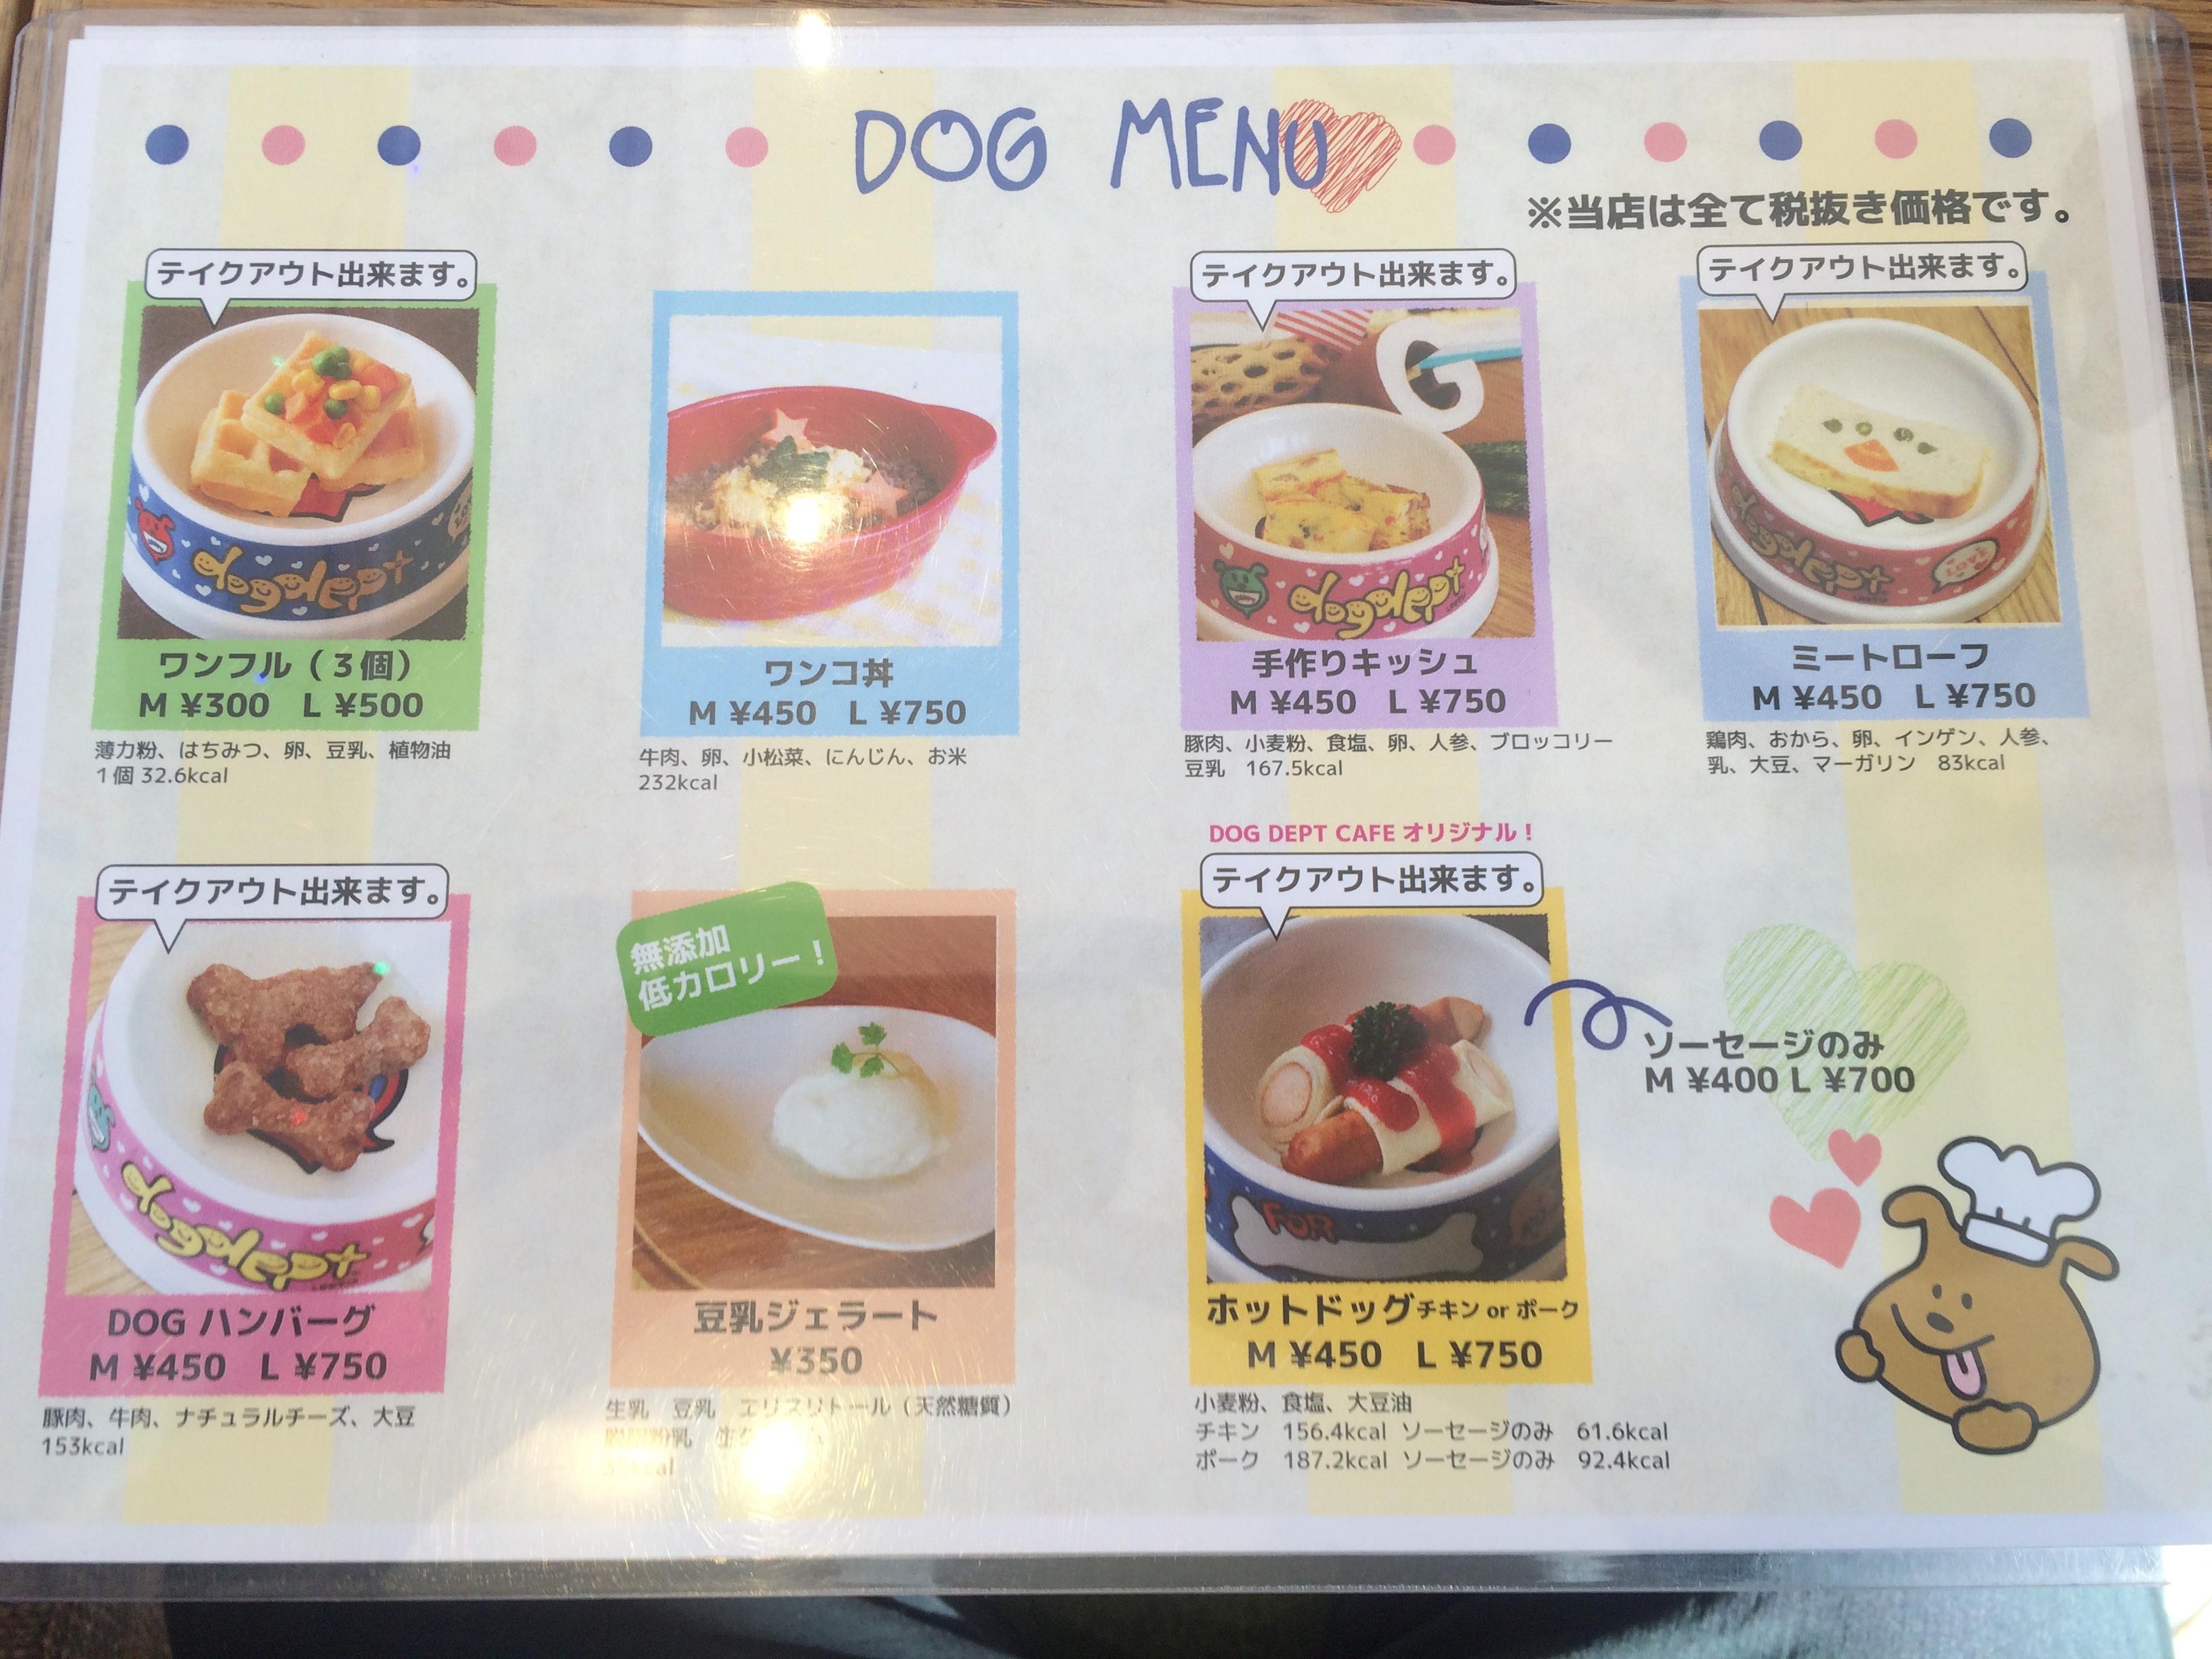 東京ソラマチのドッグデプトカフェは躾された犬ばかり